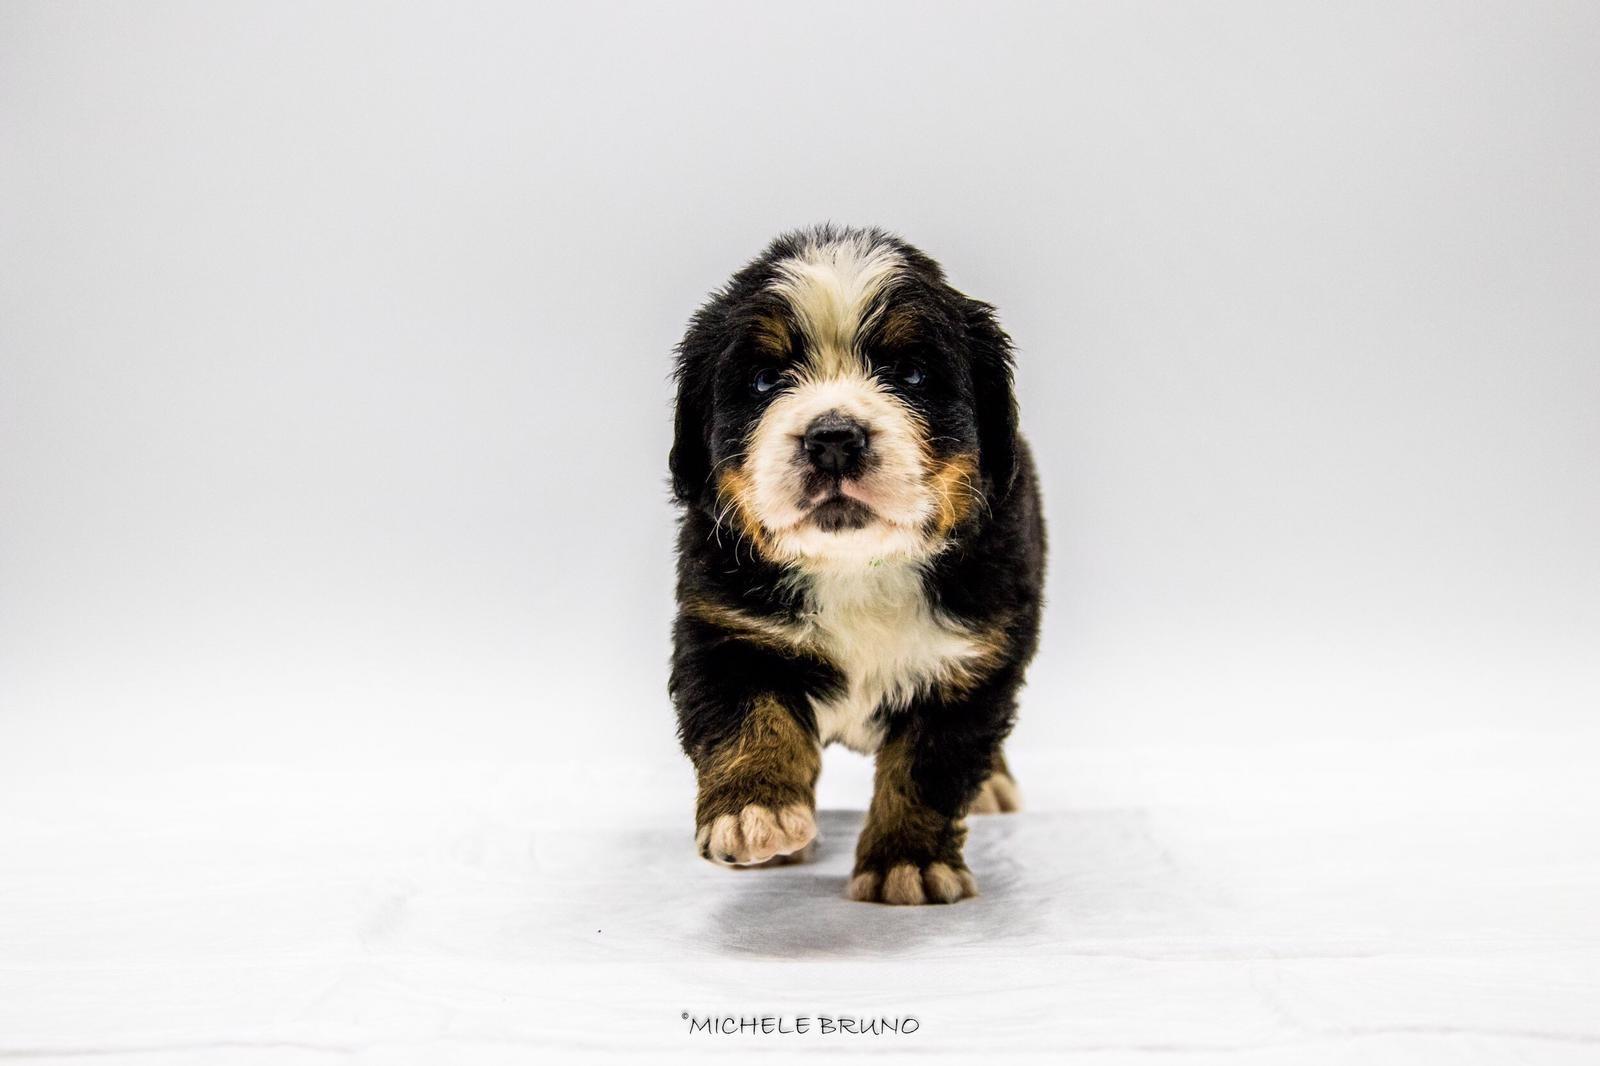 Cuccioli: cominciamo bene...la prima visita veterinaria